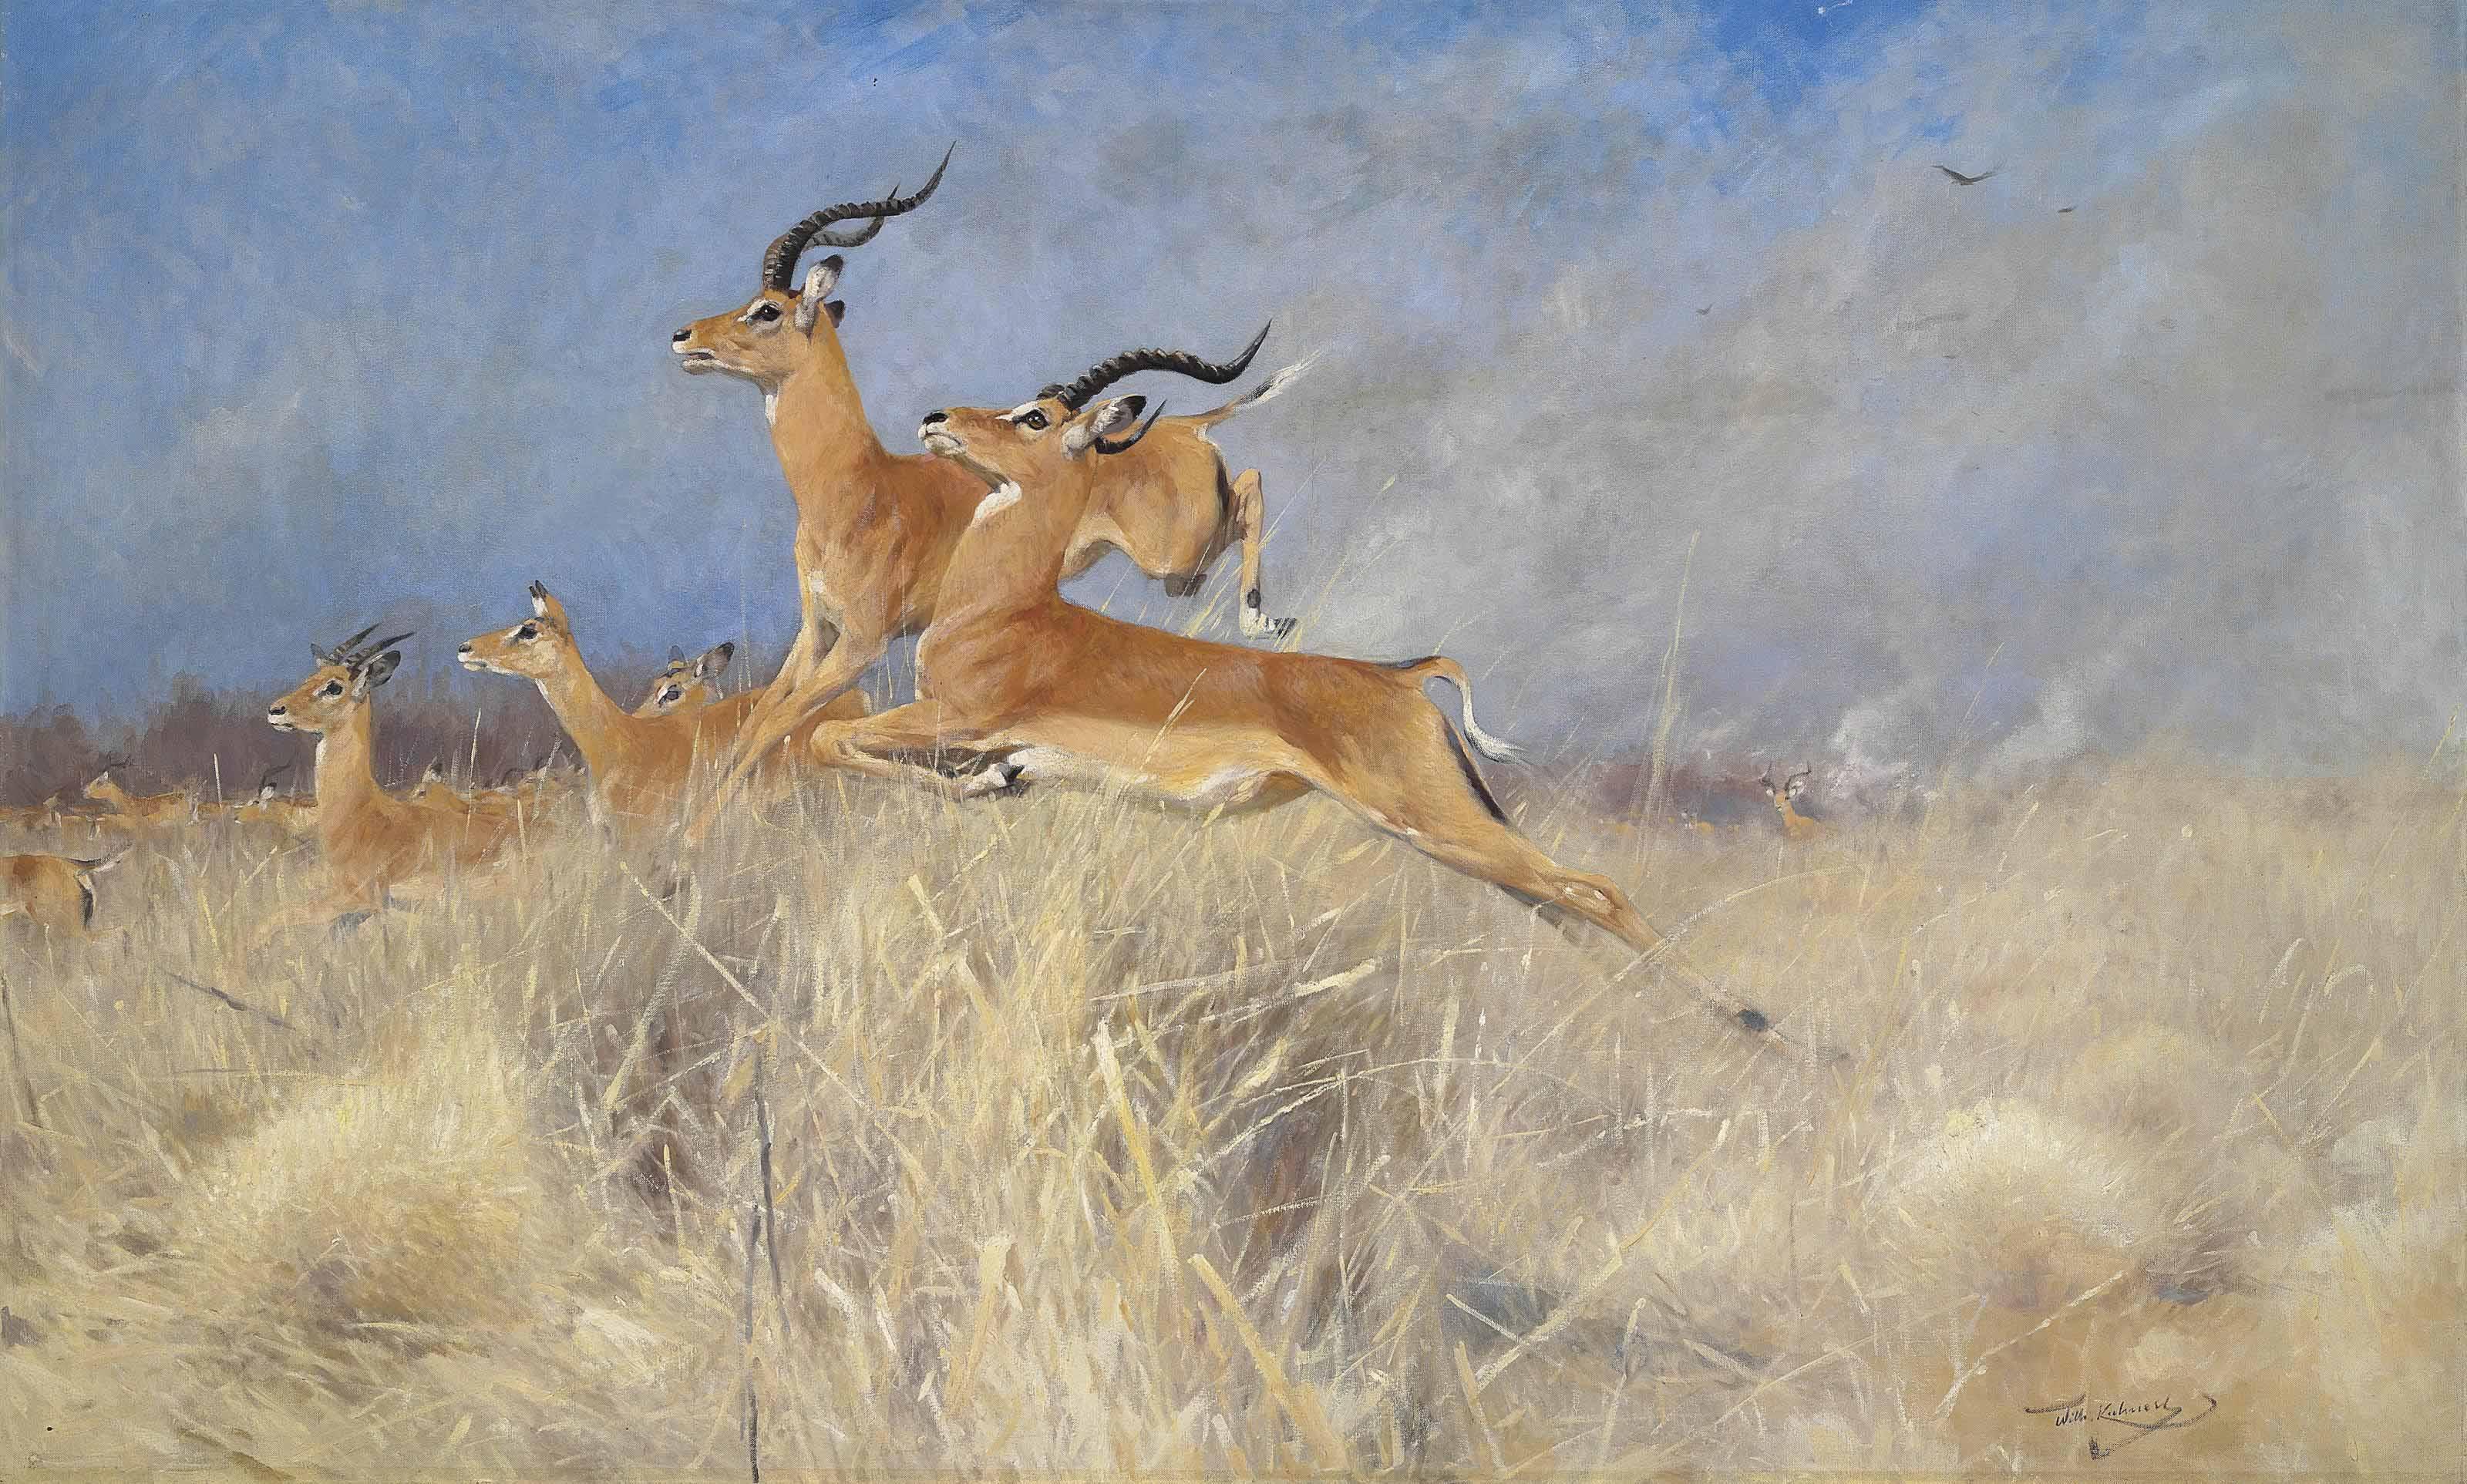 Swalla antelope in flight